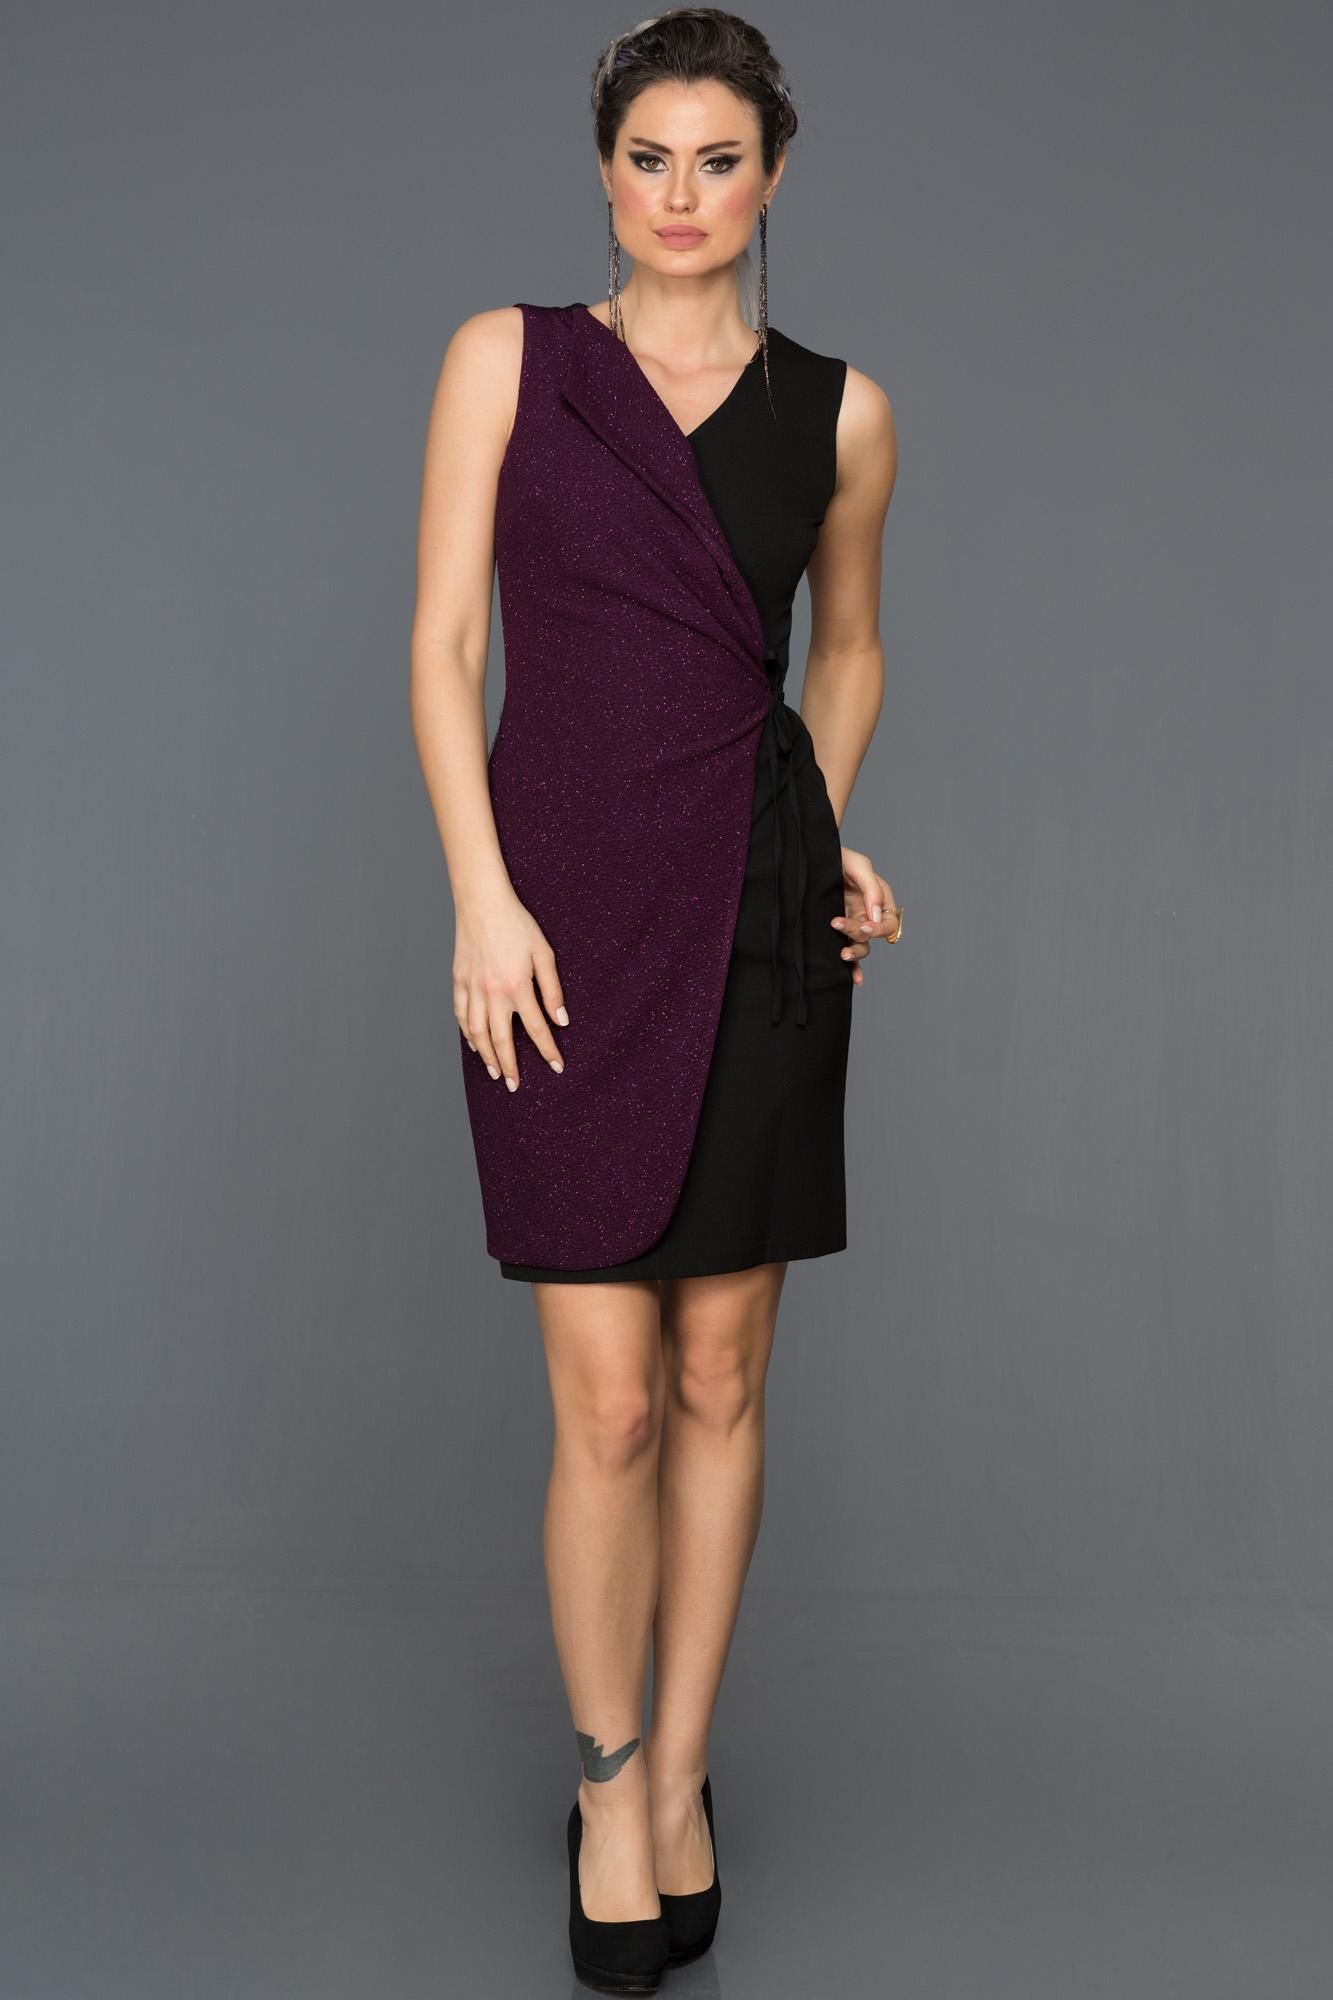 Siyah-Mor Yandan Bağlamalı Elbise